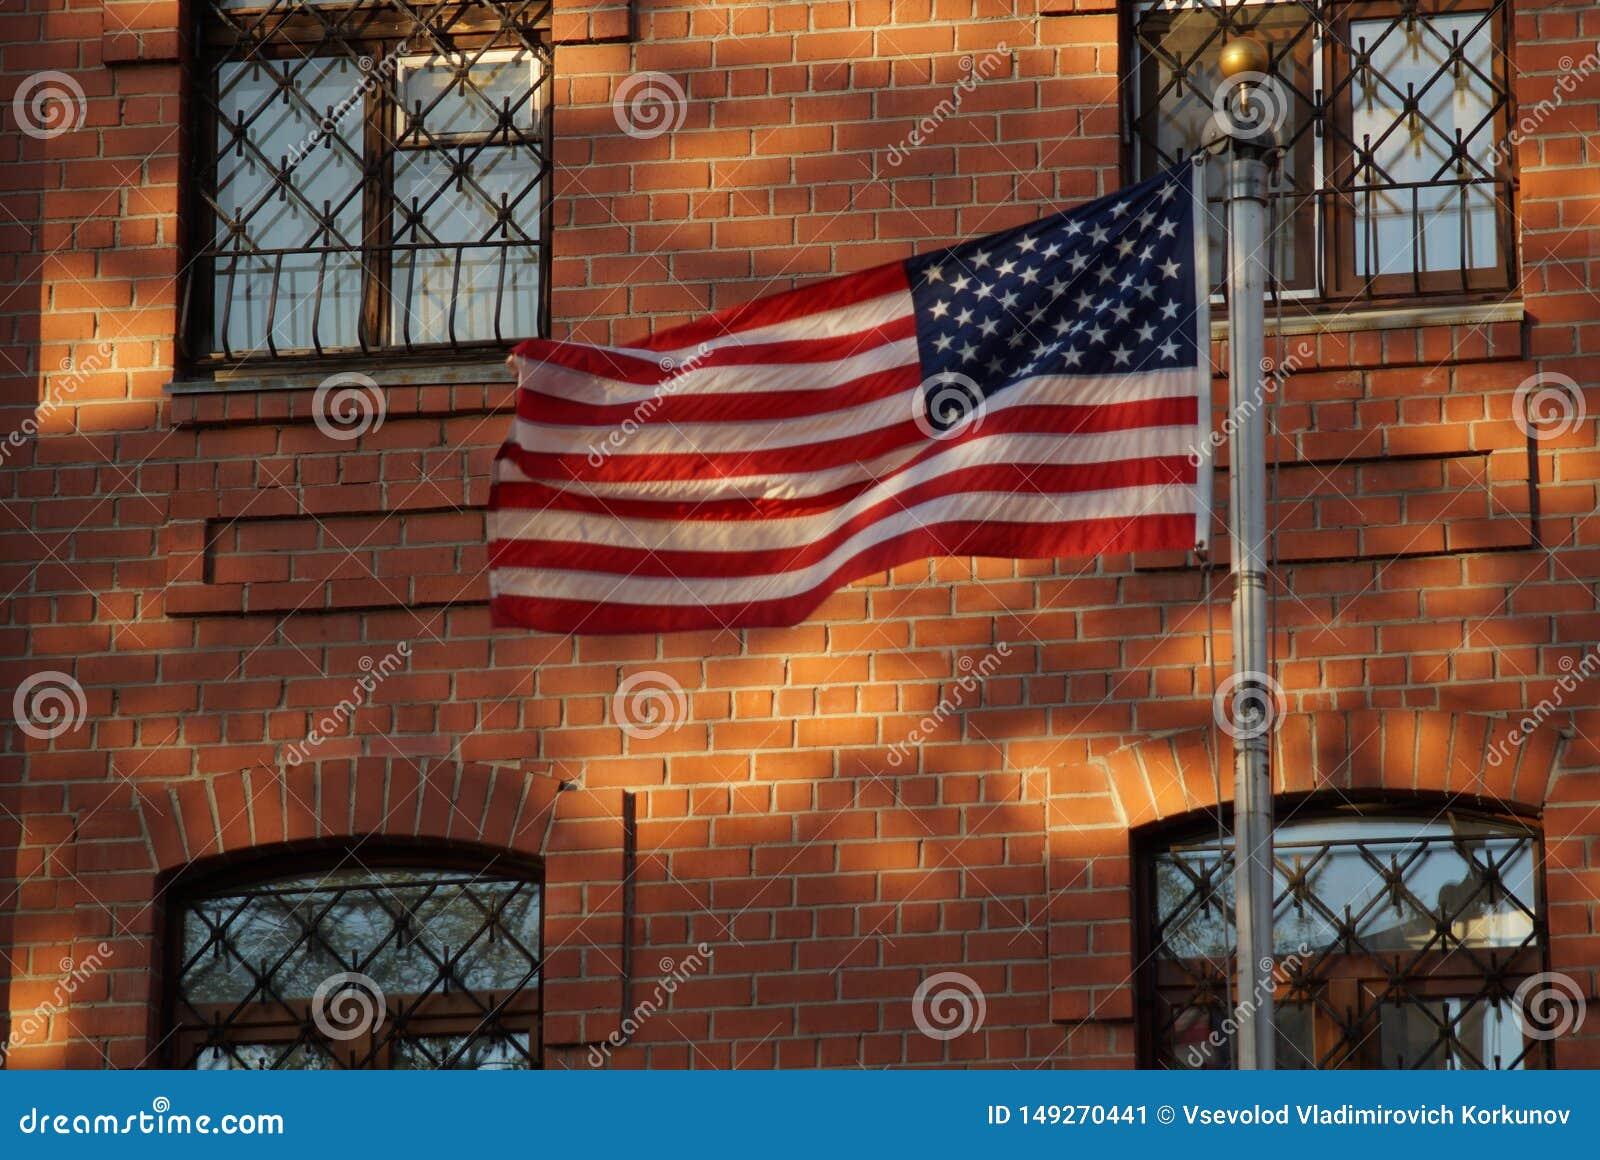 La bandera está en armonía con los elementos de la fachada